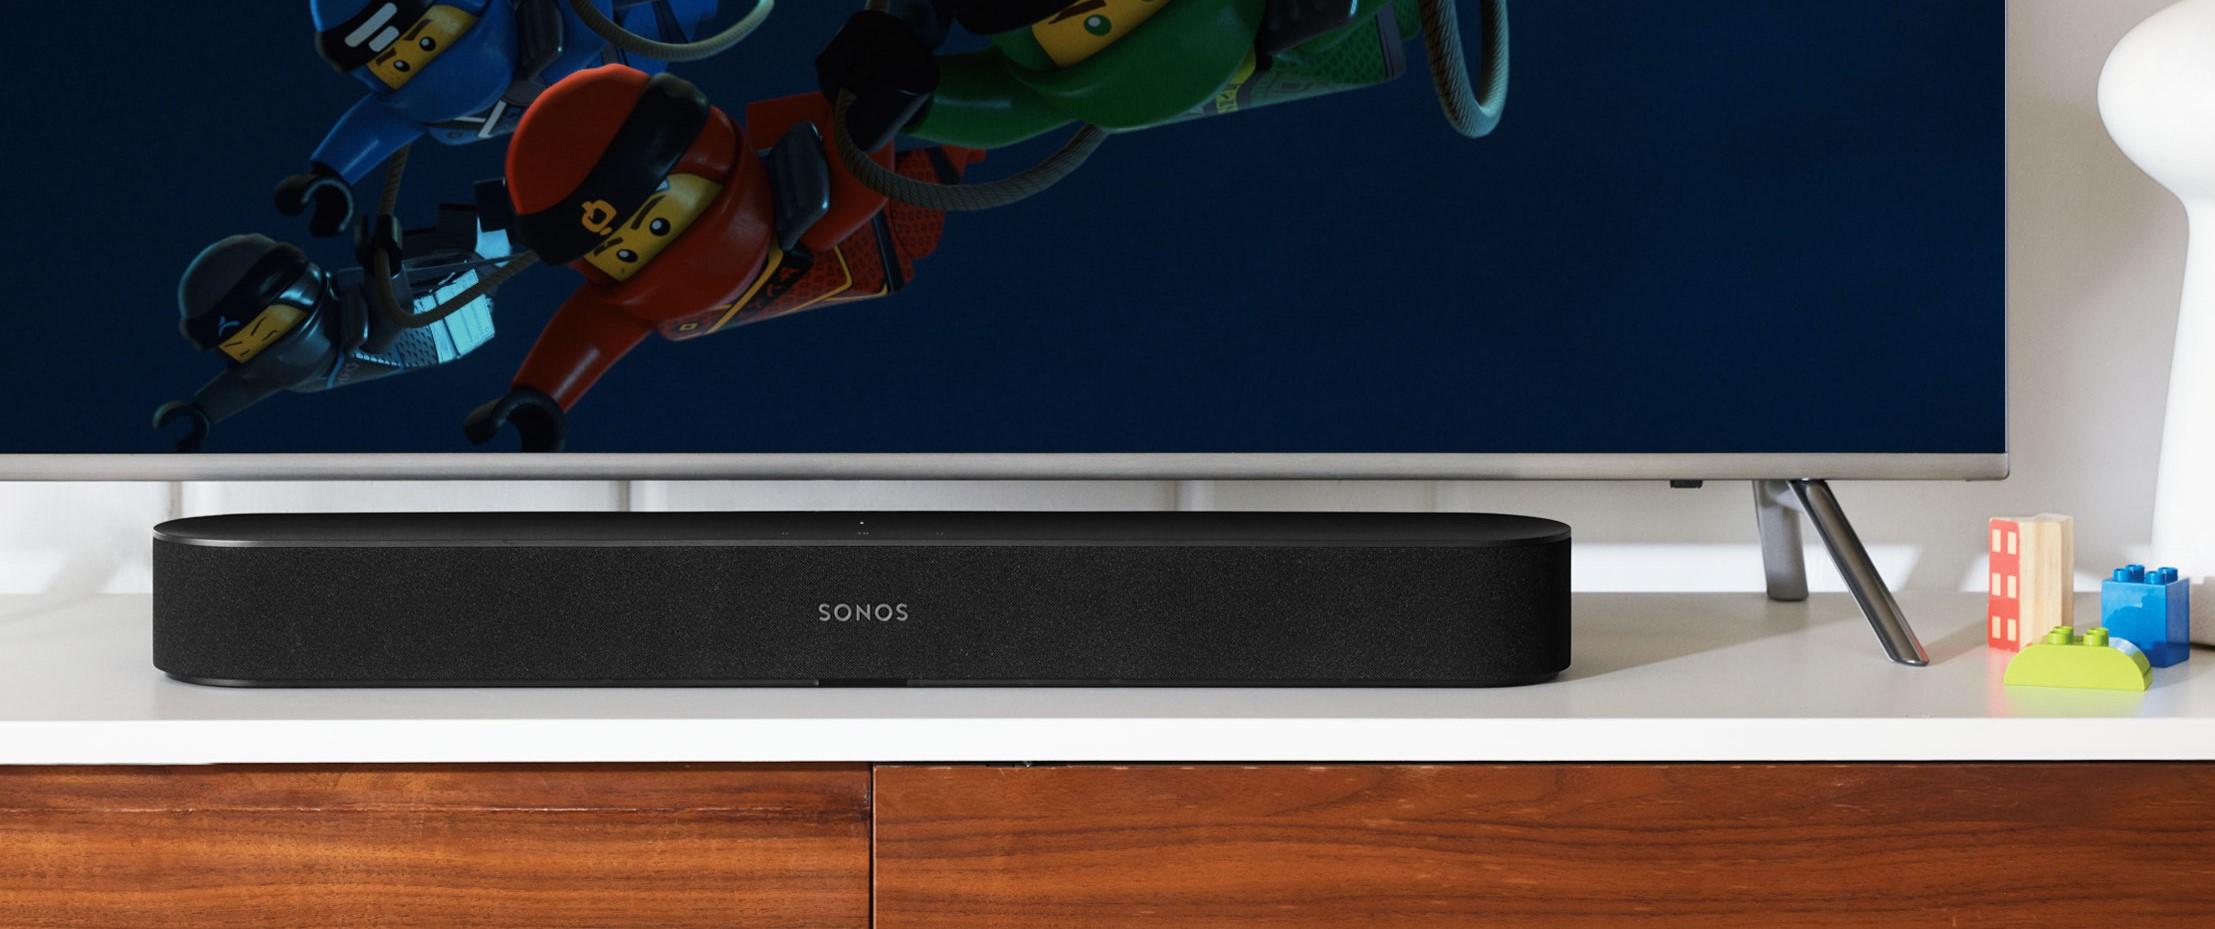 De slimme soundbar Sonos Beam staat mooi onder een televisie.